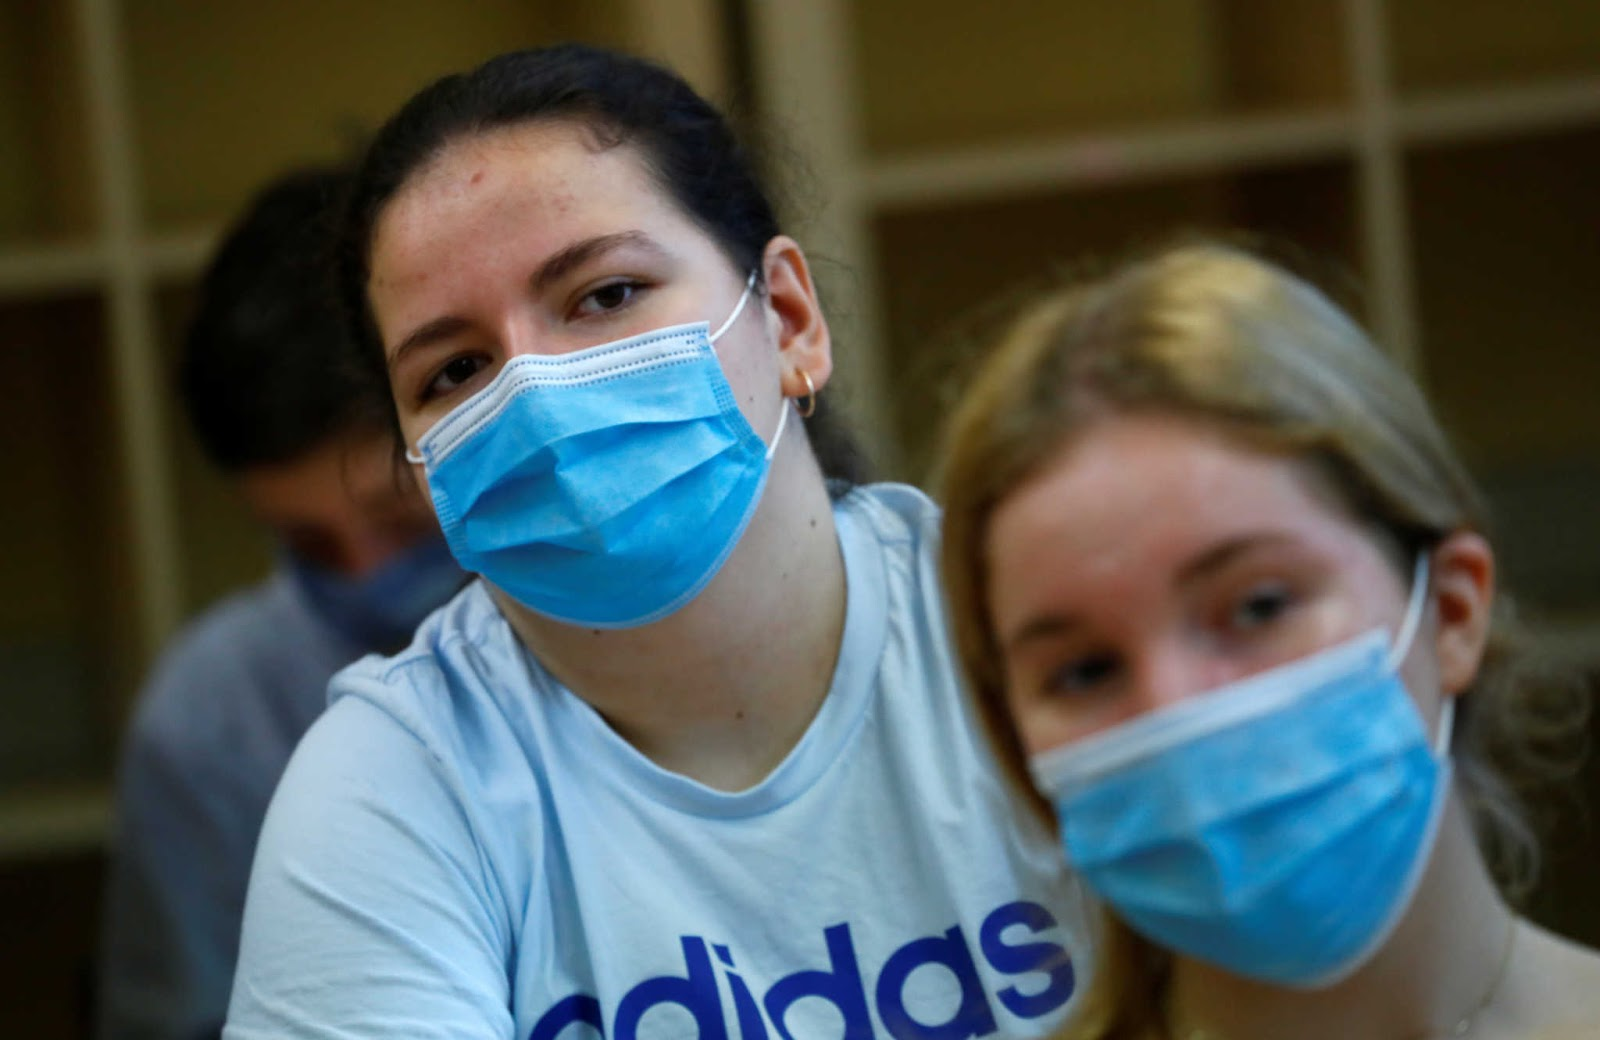 Μαγιορκίνης: Μάσκες στα παιδιά 10-19 χρονών στα σχολεία